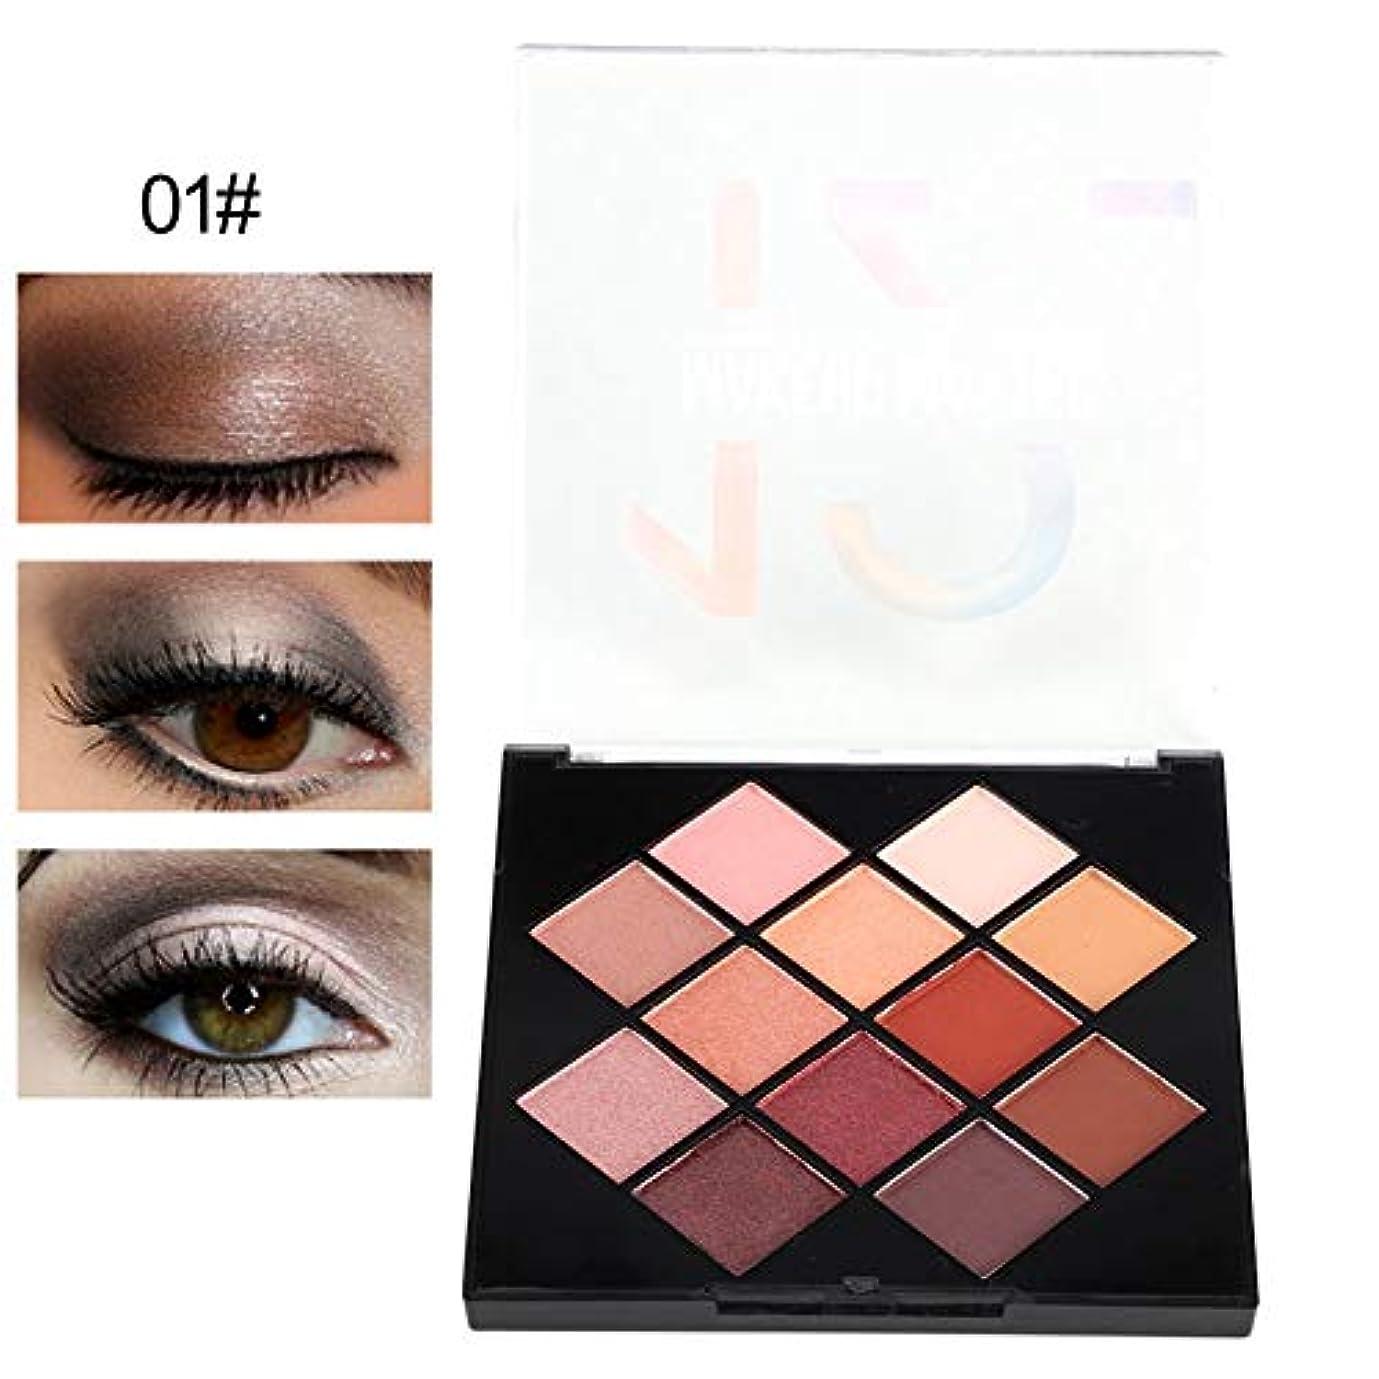 エジプト人旅空洞アイシャドウパレット 12色 化粧マット 化粧品ツール グロス アイシャドウパウダー (01)